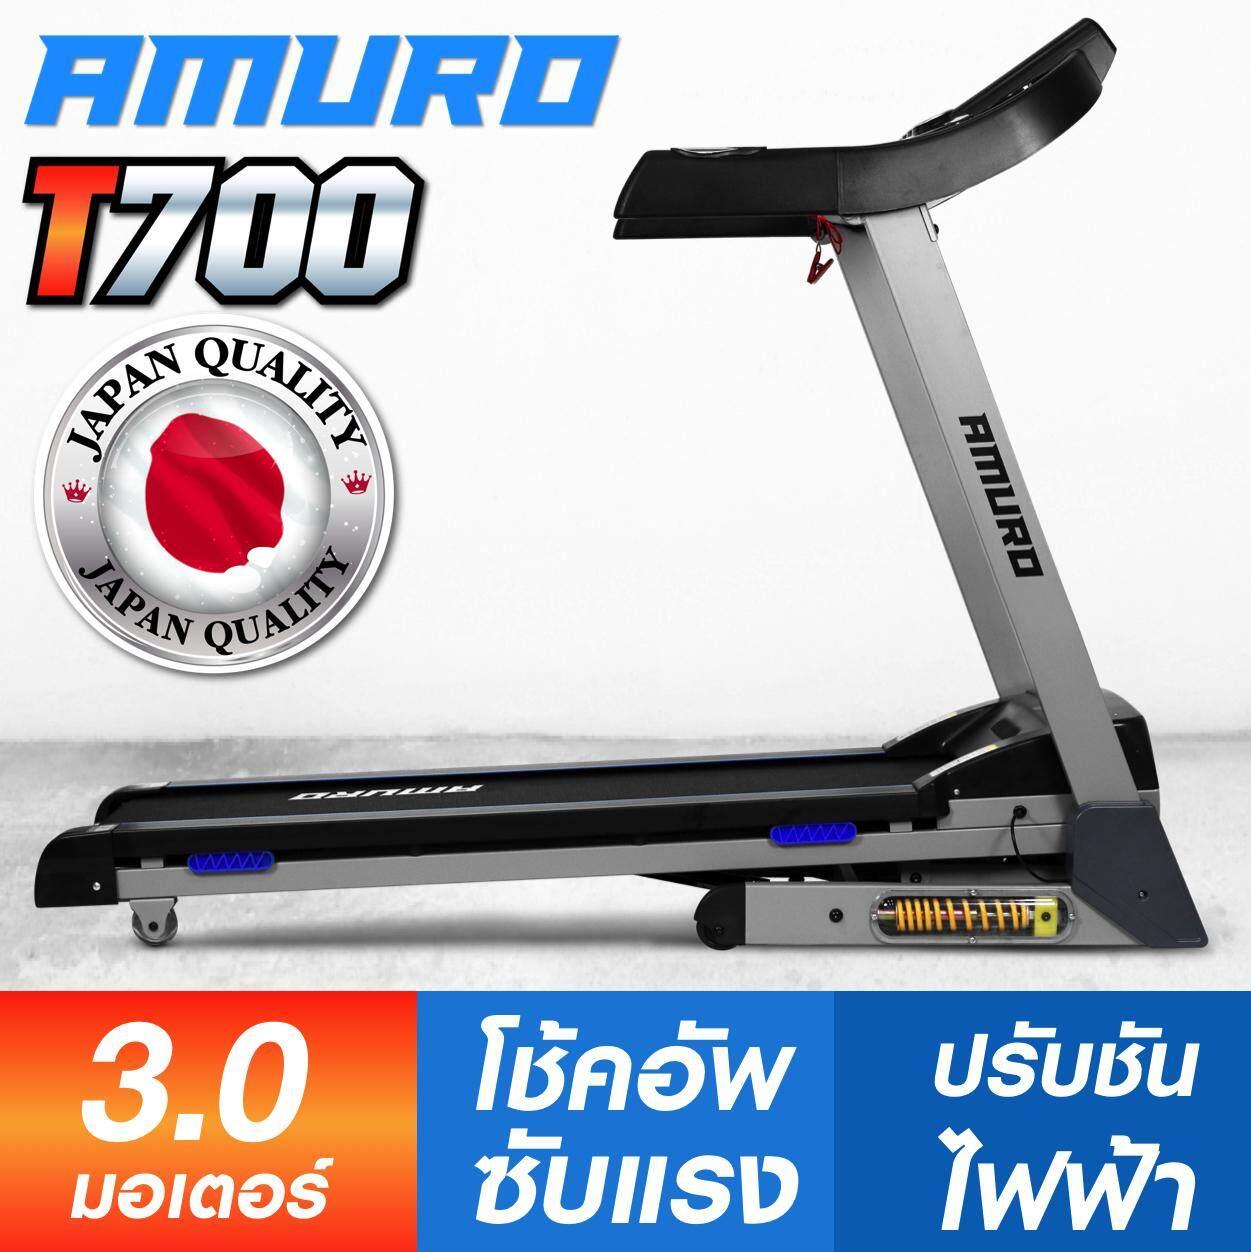 ลดสุดๆ AMURO ลู่วิ่งไฟฟ้า 3.0 แรงม้า T700 SMART Treadmill ระบบโช็คอัพ ลดแรงกระแทก เชื่อมต่อ BLUETOOTH ปรับความชั่นด้วยไฟฟ้า AUTO Incline พับเก็บได้ รุ่น T700